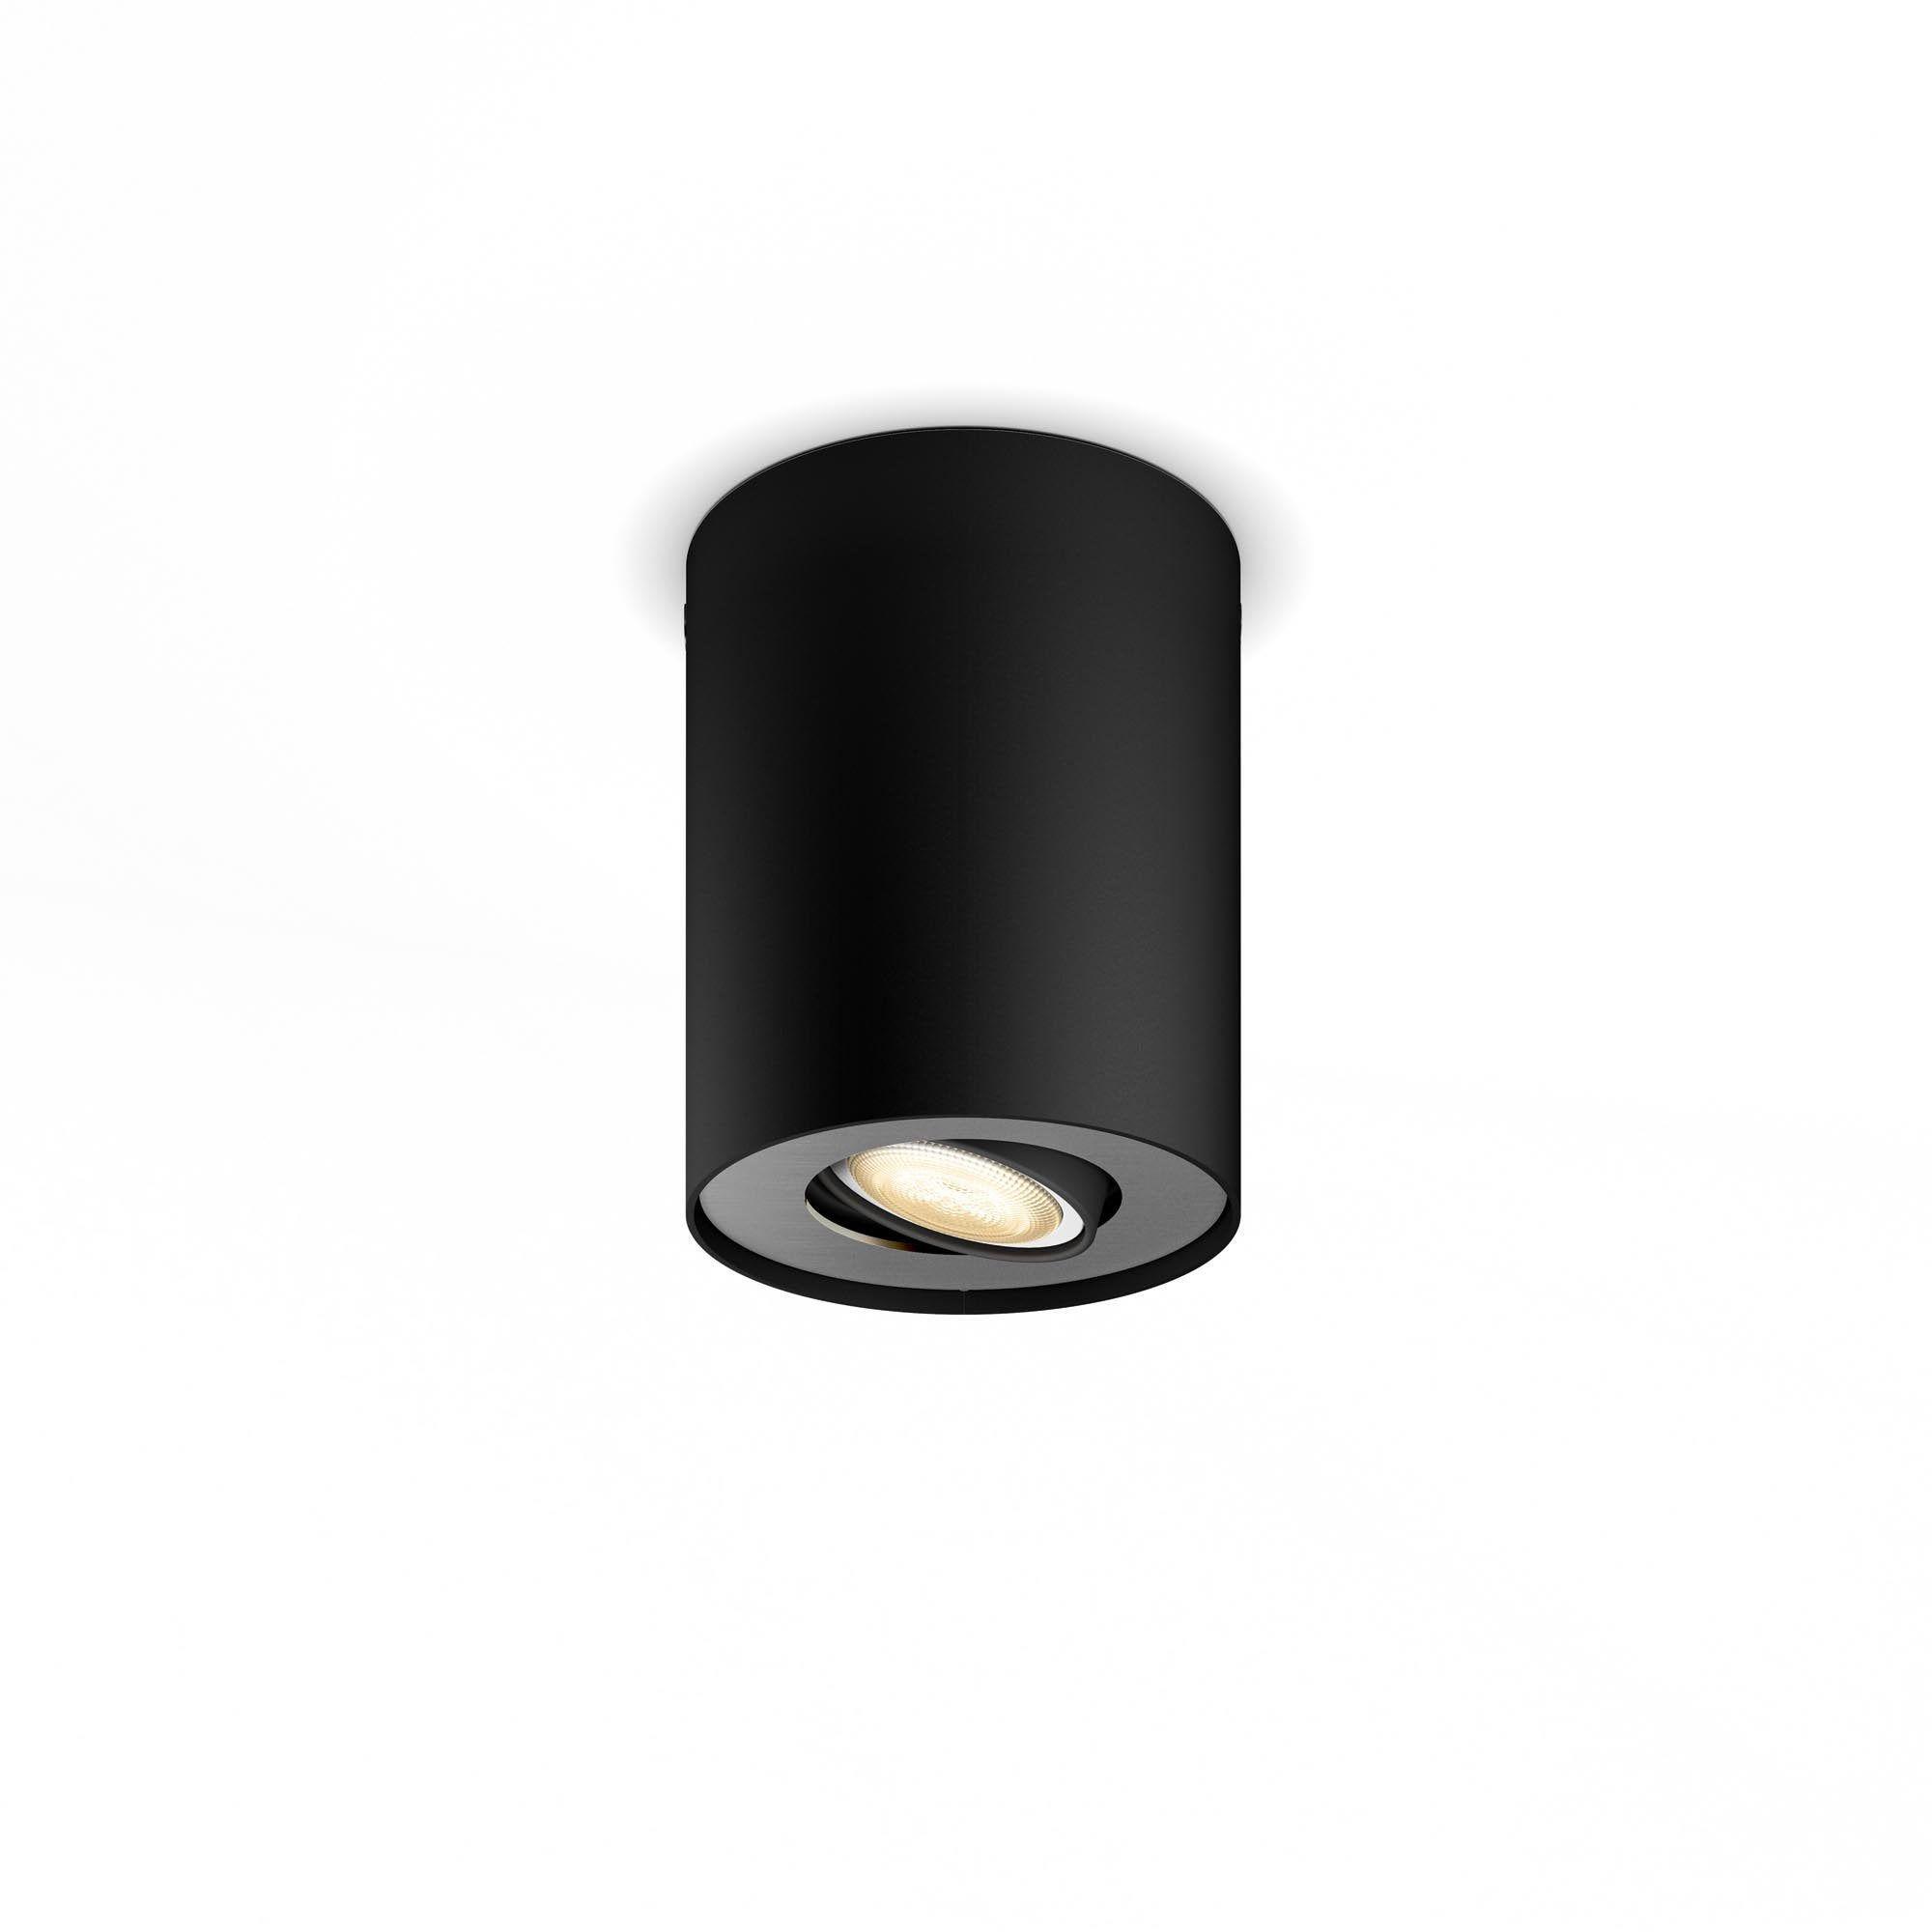 Extension Pour Kit Spot Fixe Led Integree 6500k Philips Hue Rond